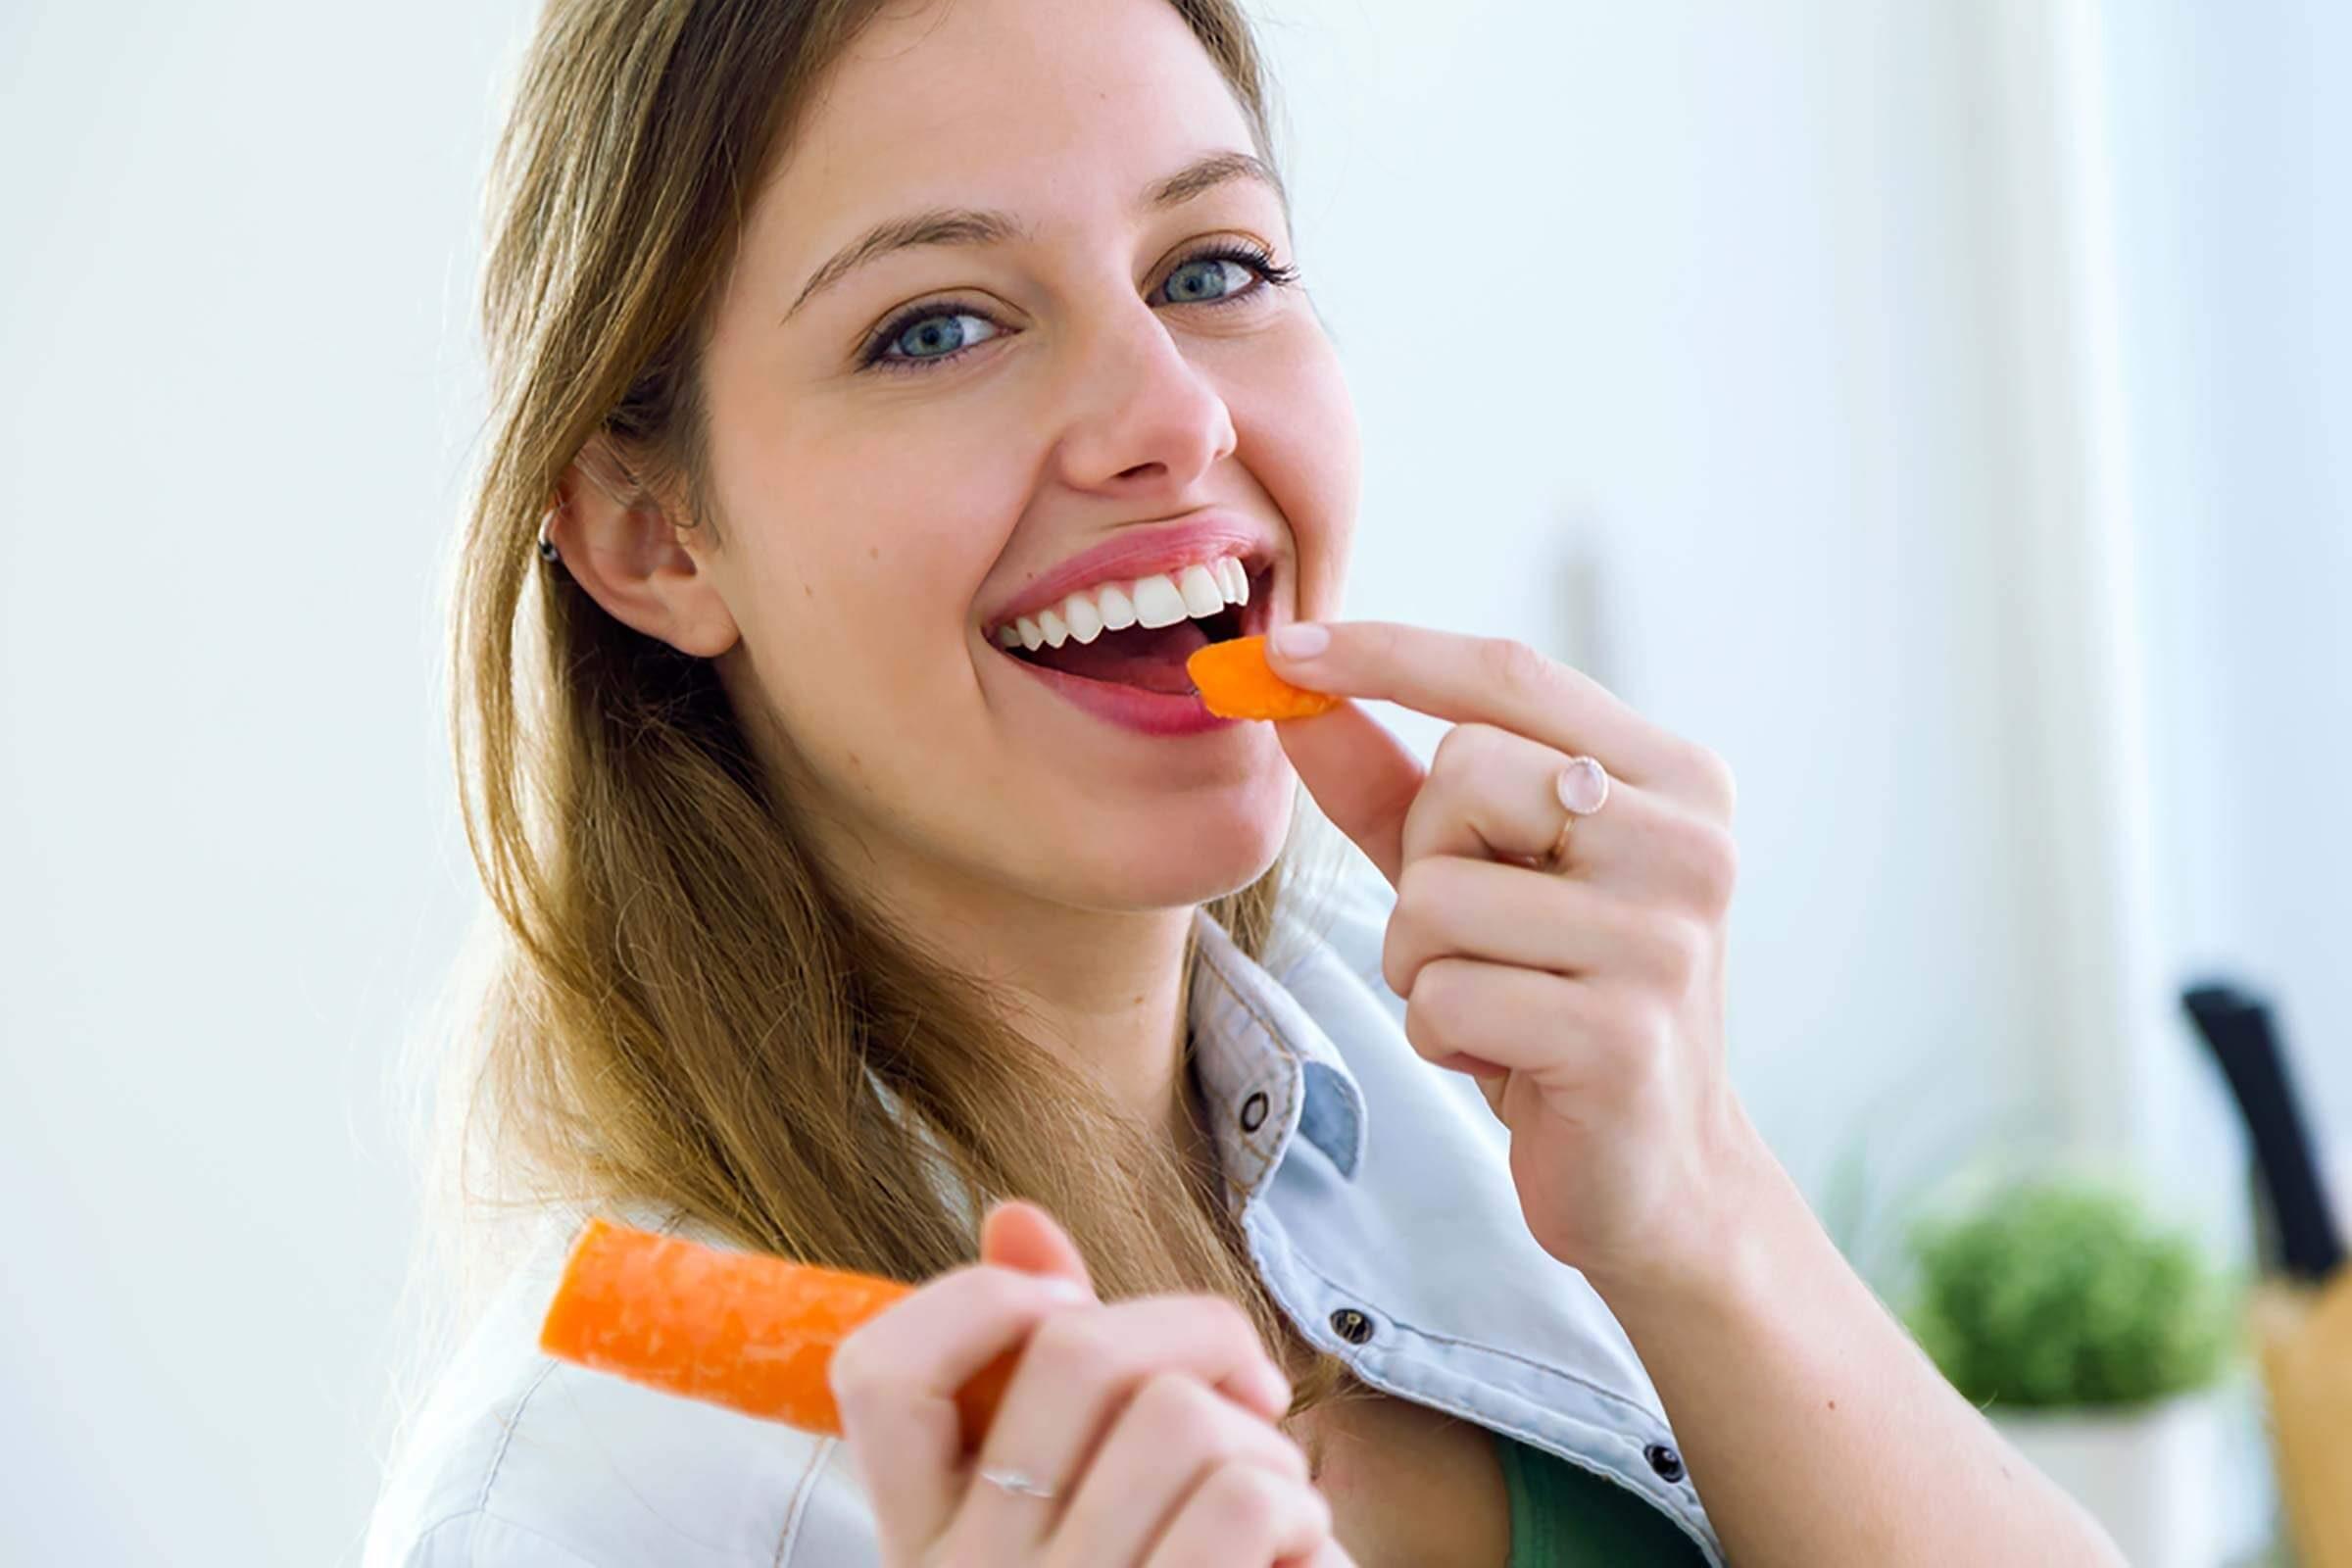 Les personnes qui entreprennent le régime de carottes l'adorent